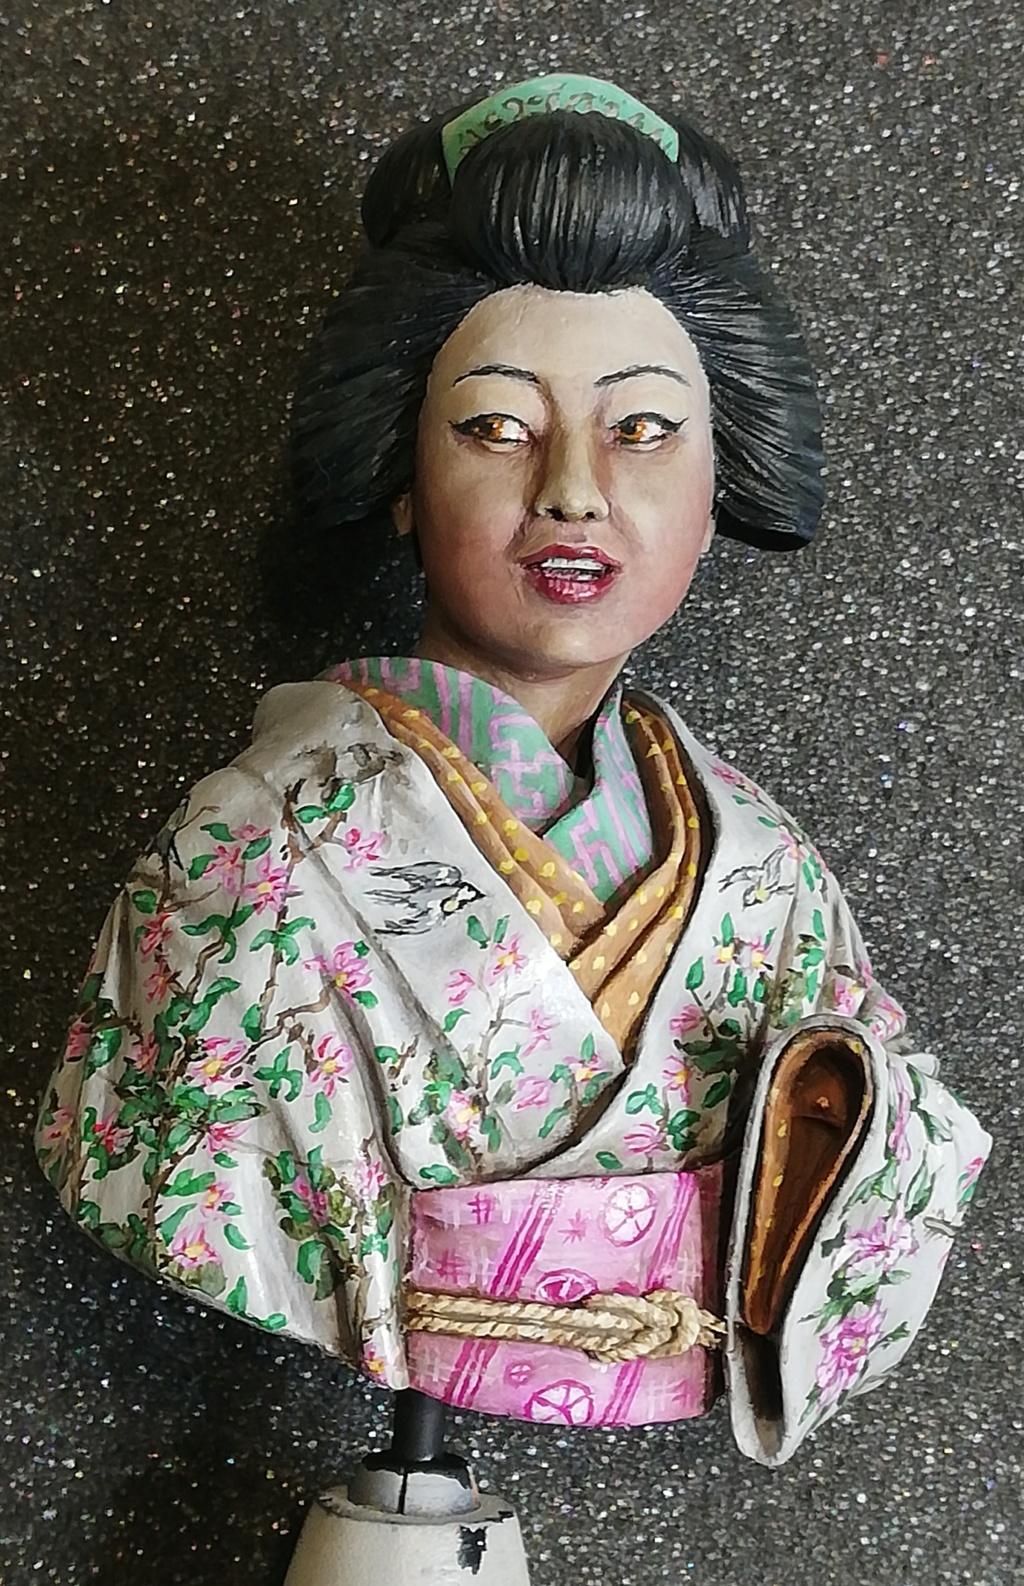 Buste de Geisha terminée - Dernières photos - Page 2 Geisha33